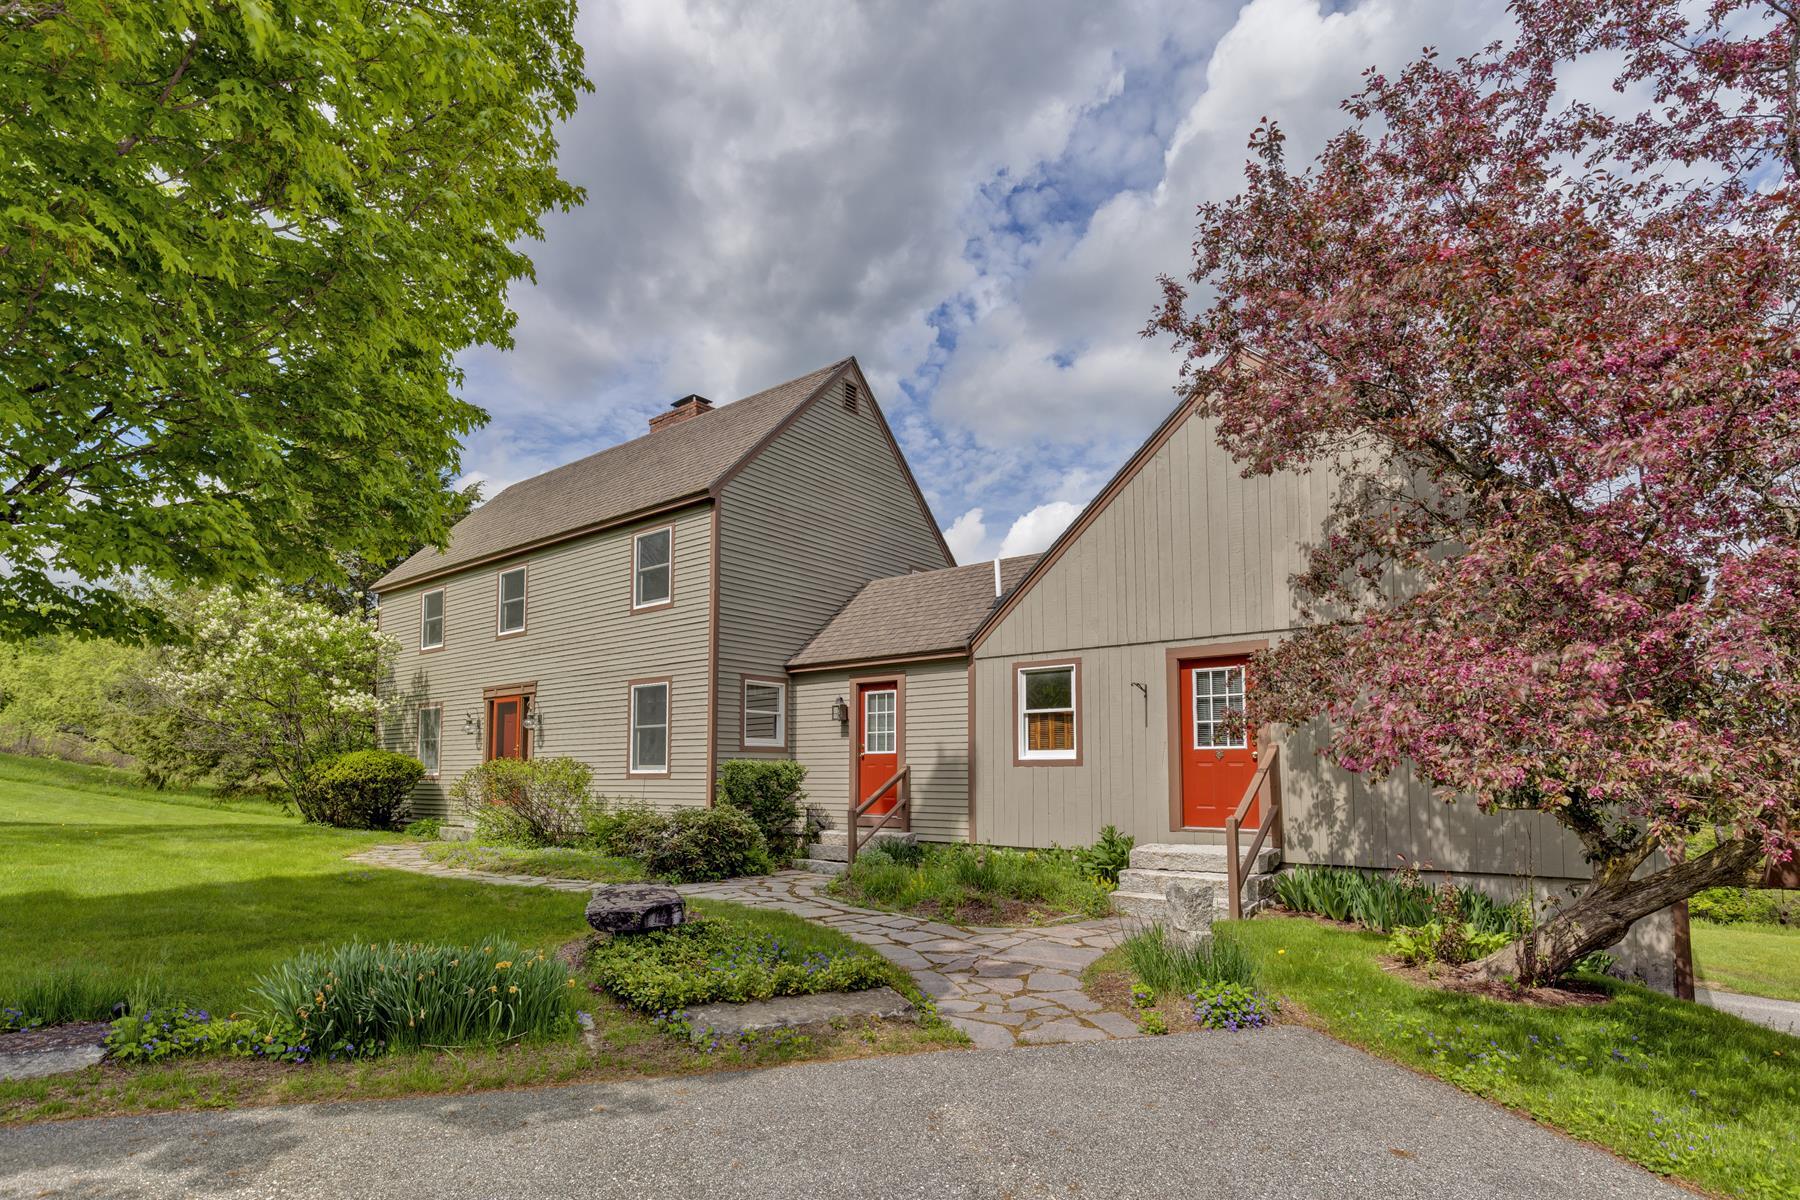 Частный односемейный дом для того Продажа на 122 Andover Rd, New London New London, Нью-Гэмпшир, 03257 Соединенные Штаты